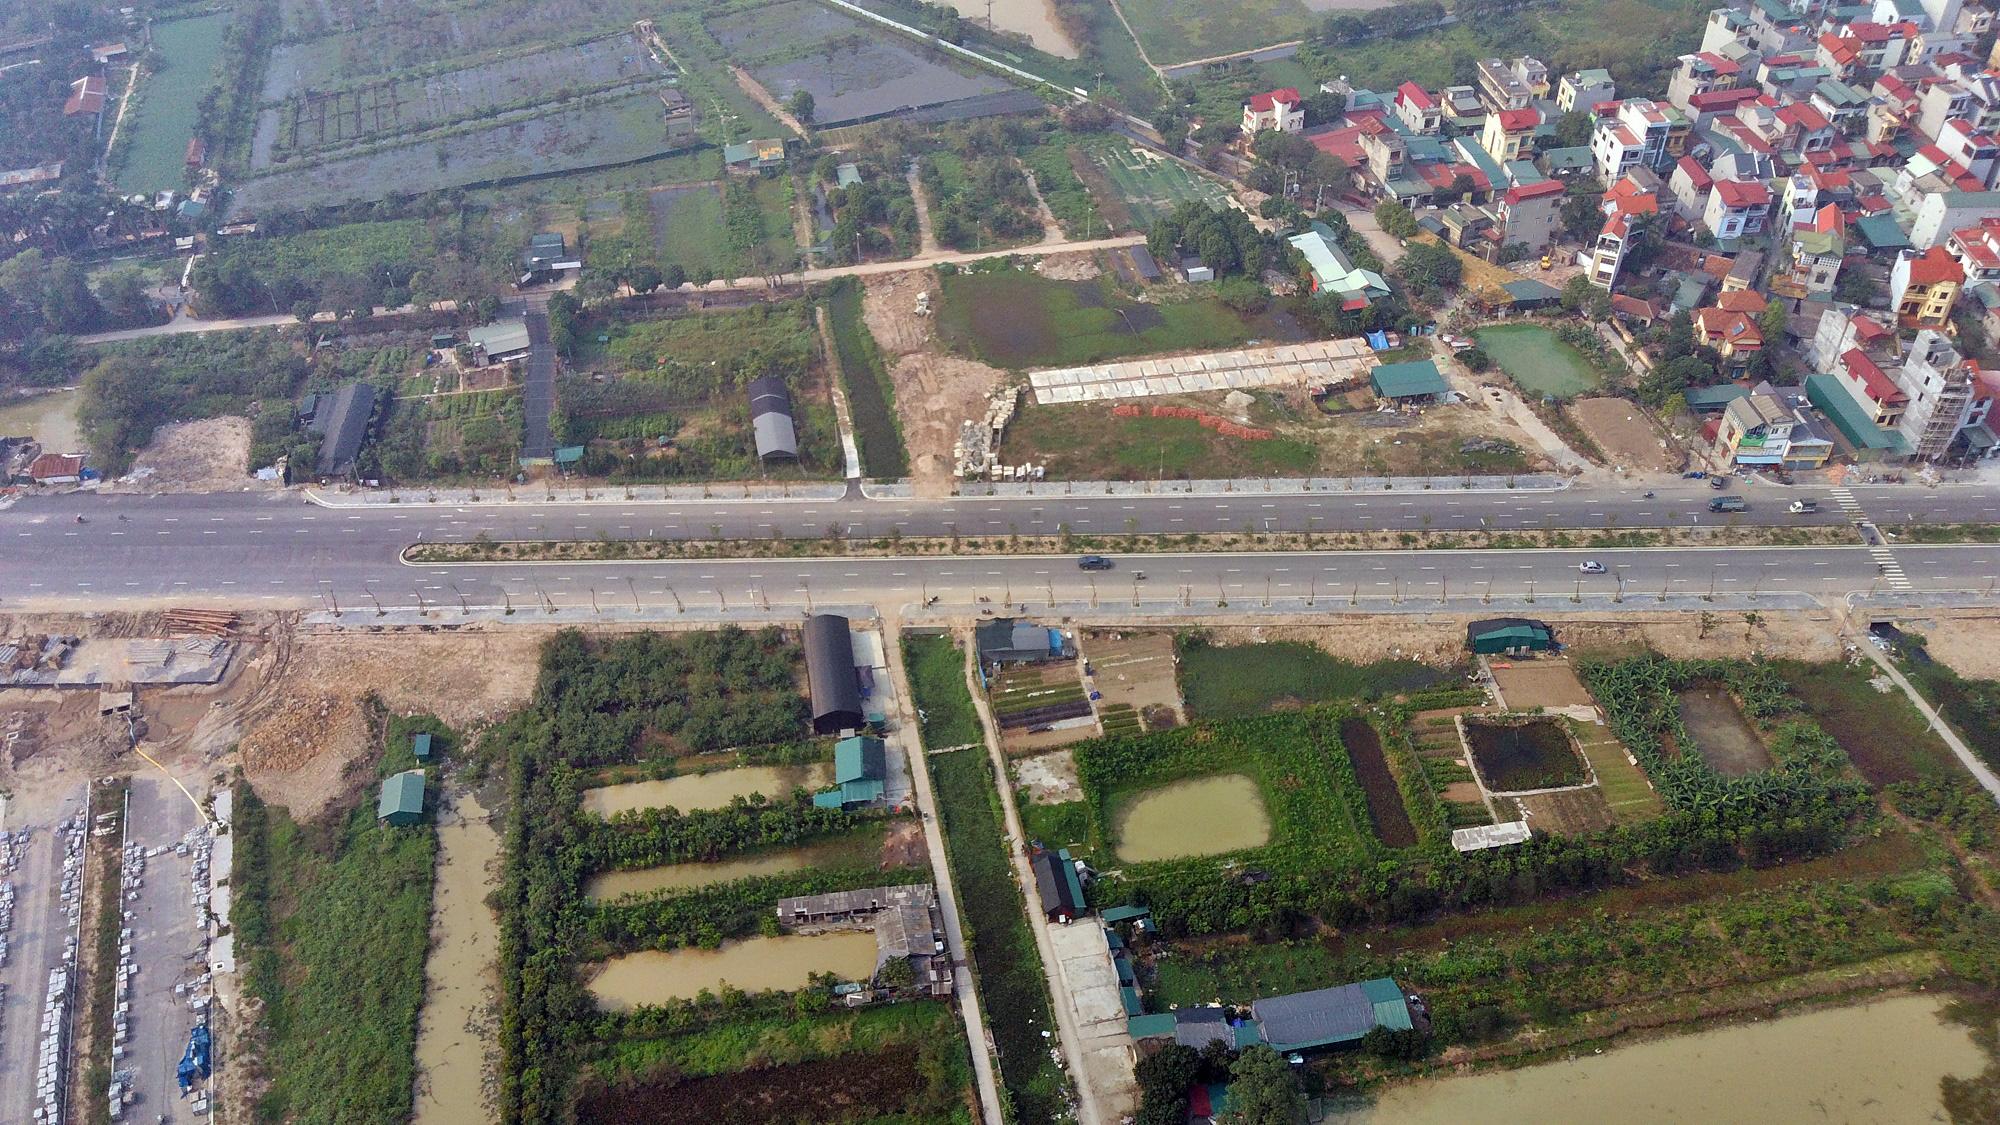 Chuẩn bị lên quận, hạ tầng giao thông huyện Gia Lâm đang thay đổi 'chóng mặt' - Ảnh 5.